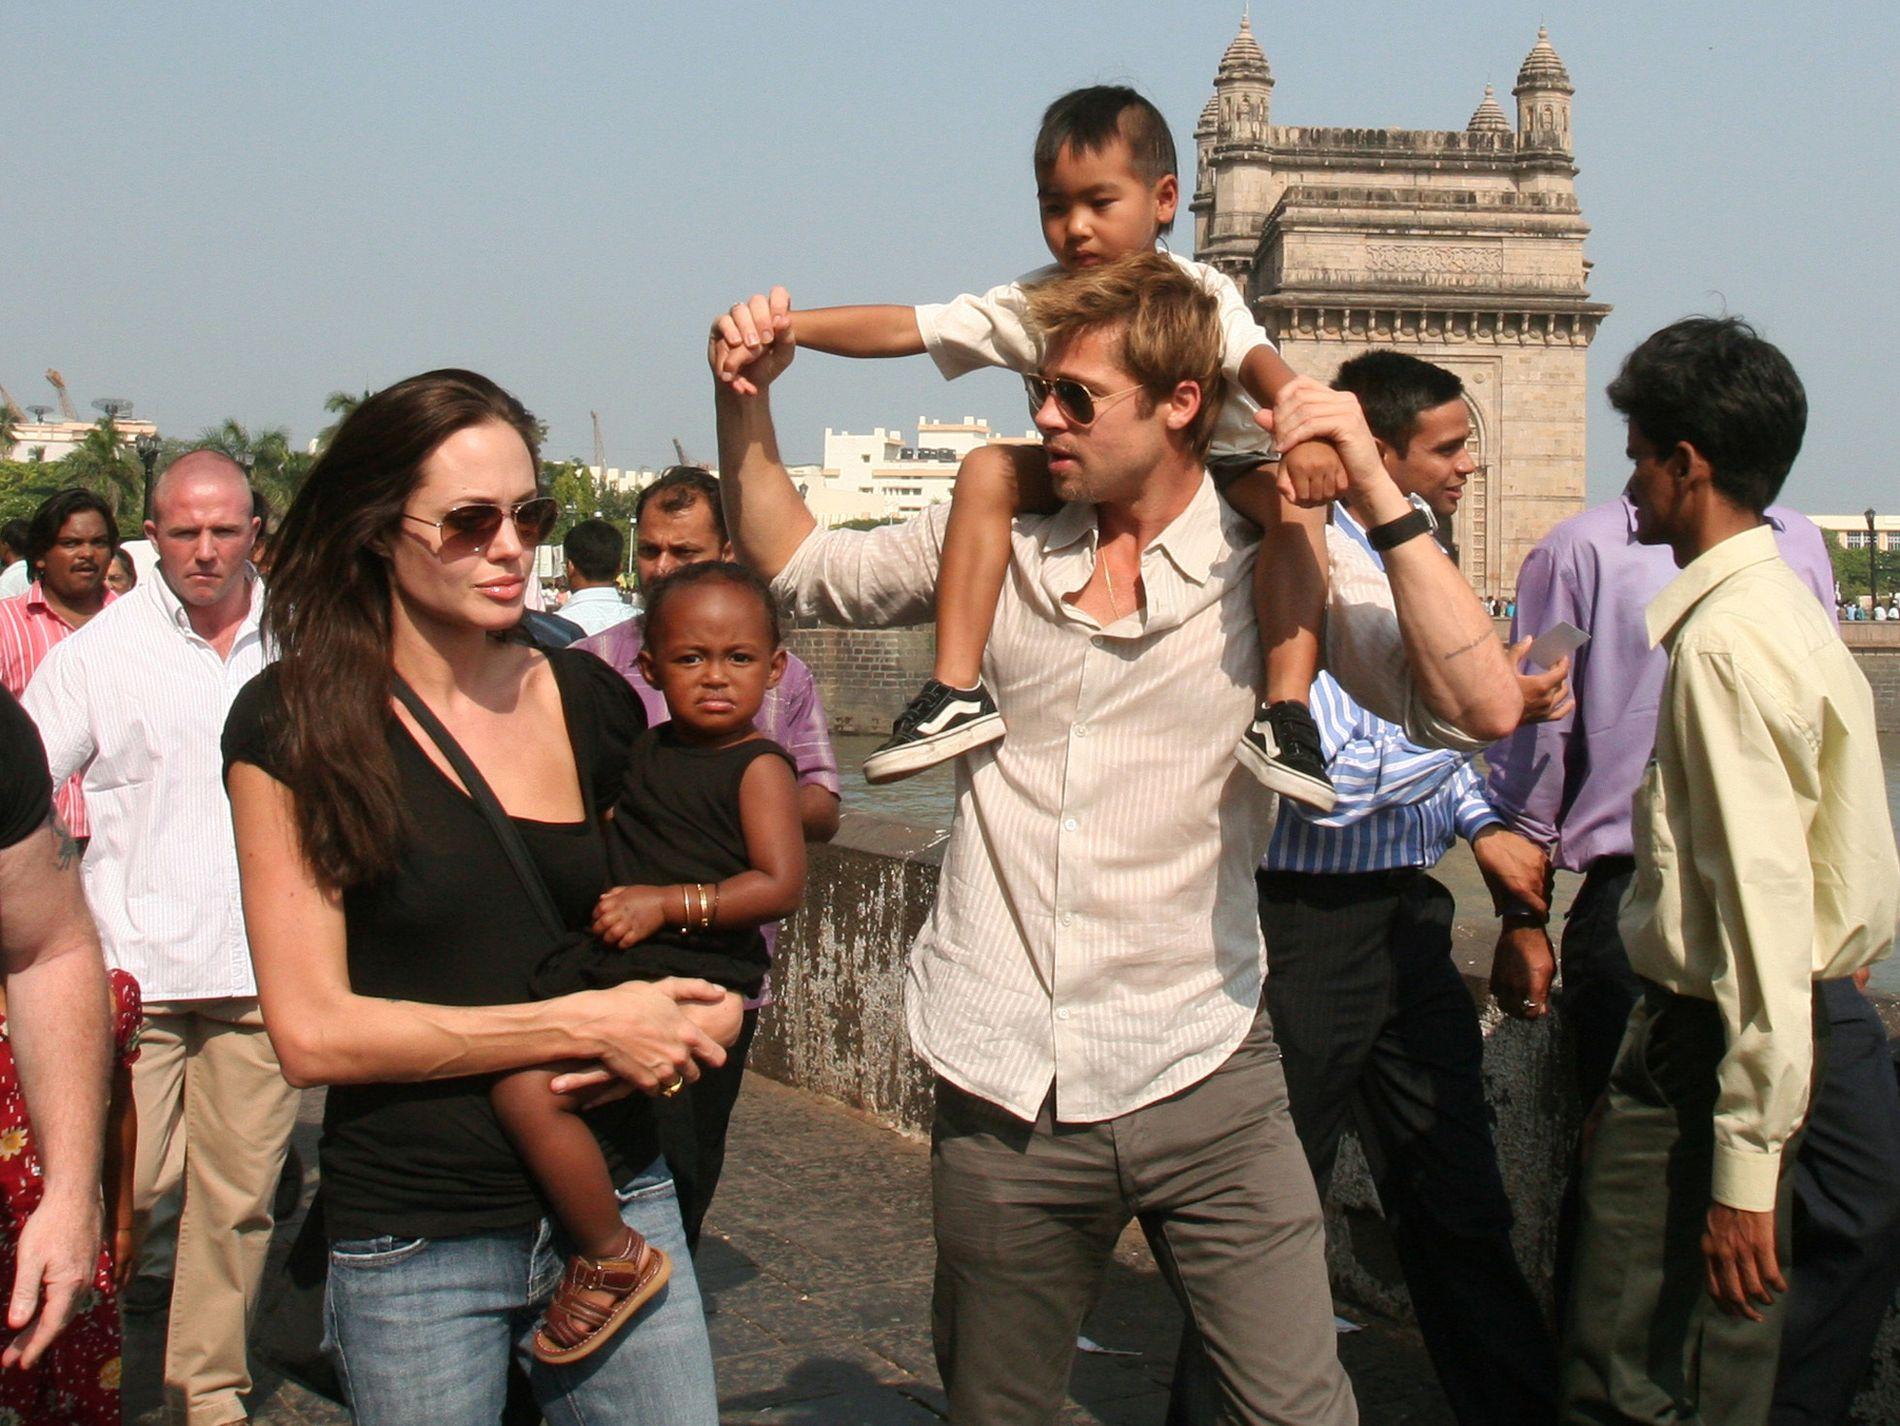 DEN GANG DA: Brad Pitt og Angelina Jolie, her fotografert i India, Mumbai, i 2006. Med seg hadde de datteren Zahara og sønnen Maddox. Foto: AP Photo